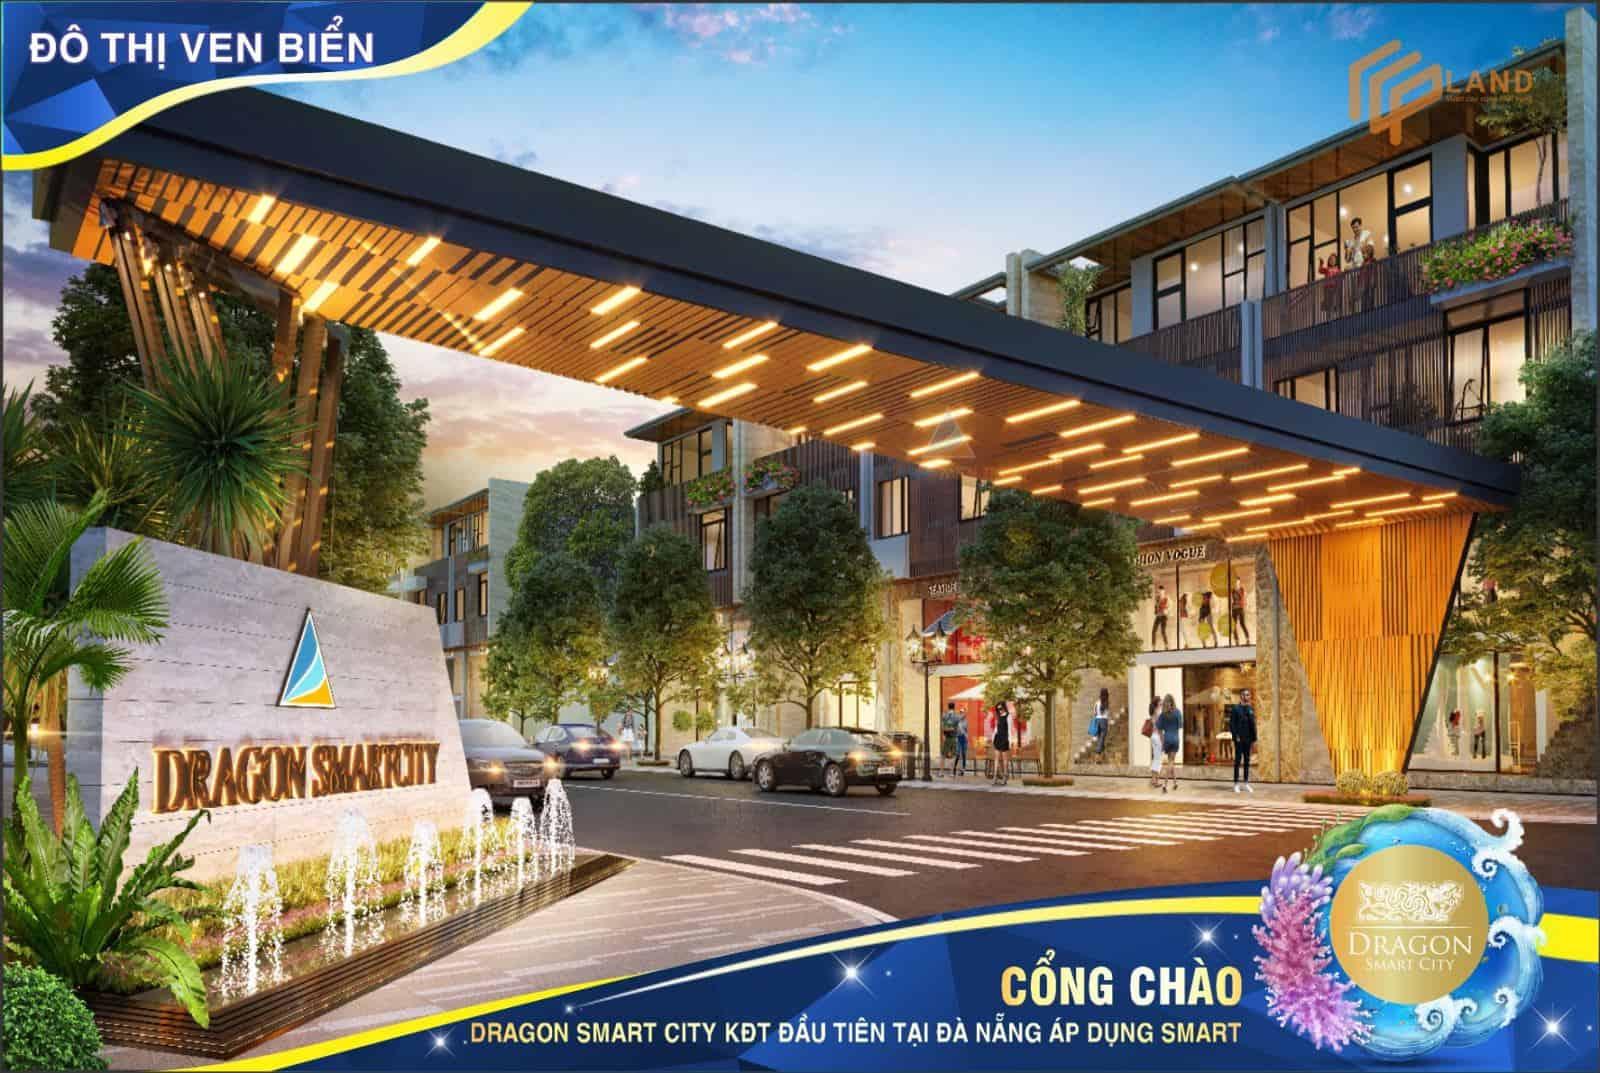 Du-an-khu-do-thi-dragon-smart-city-bat-dong-san-truong-gia-phat-datnen-lien-chieu-gia-re (2)